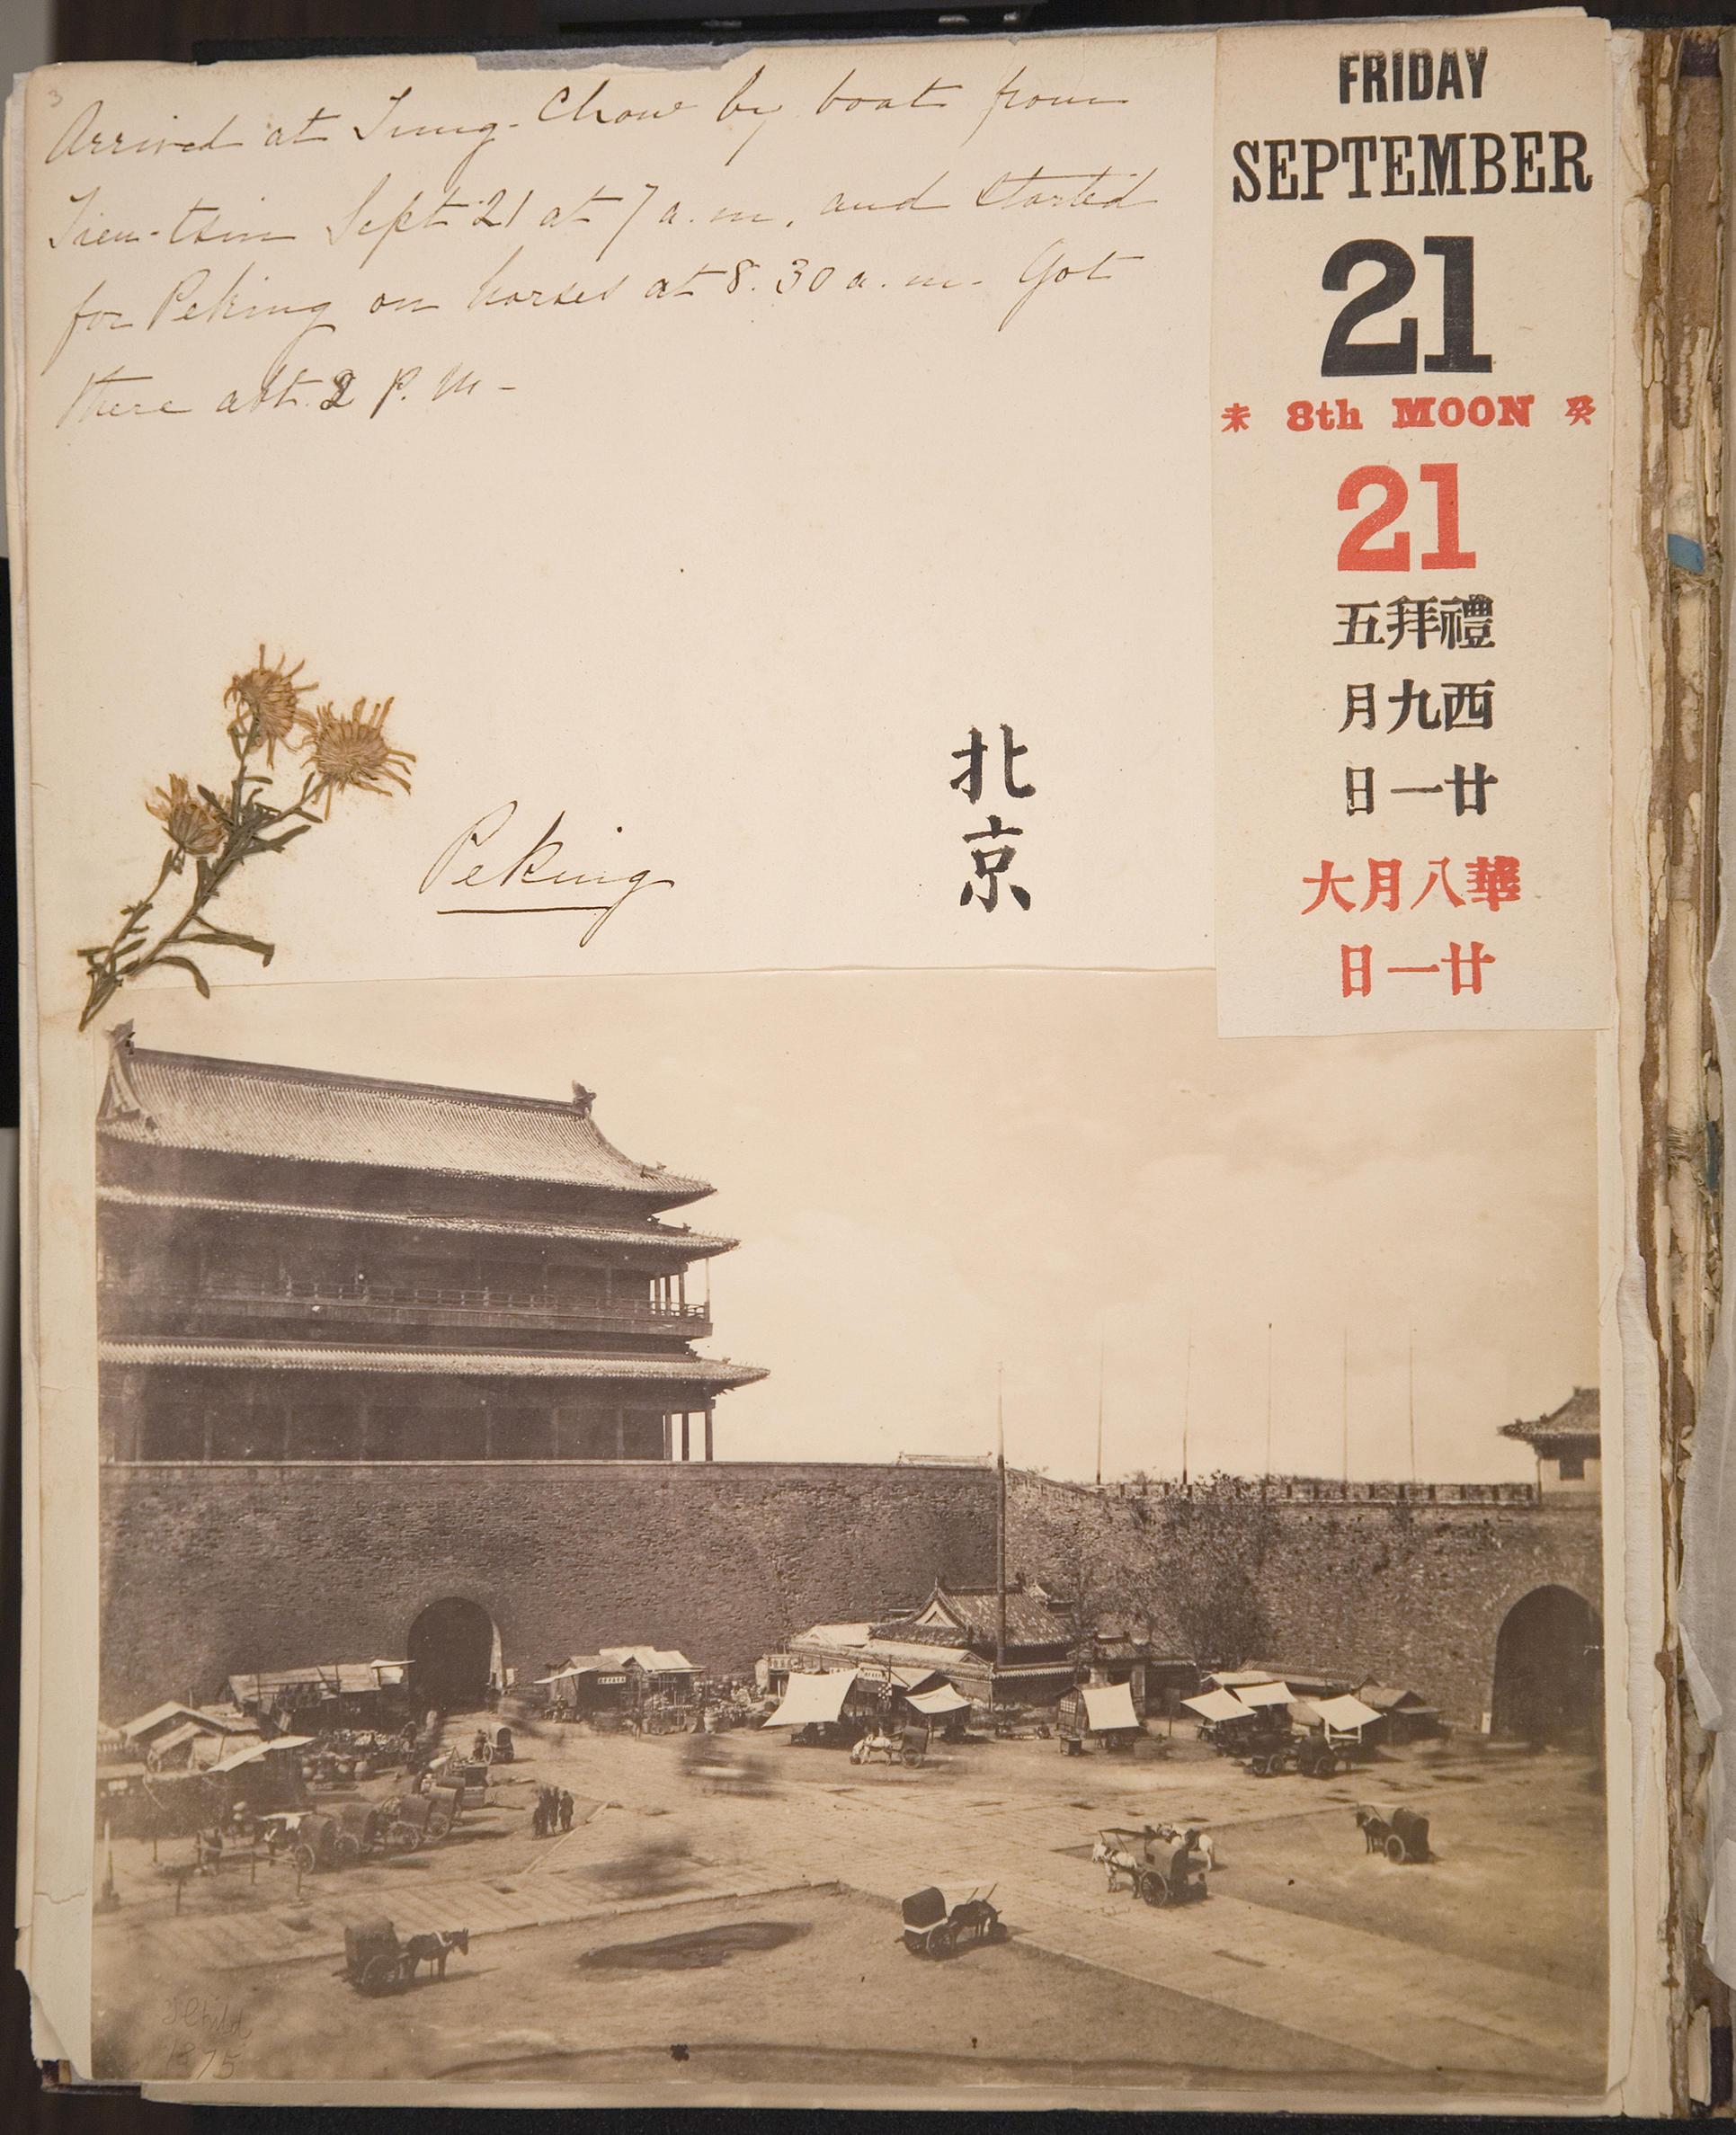 Isabella Stewart Gardner (American, 1840–1924), Travel Album: China, 1883, page 3